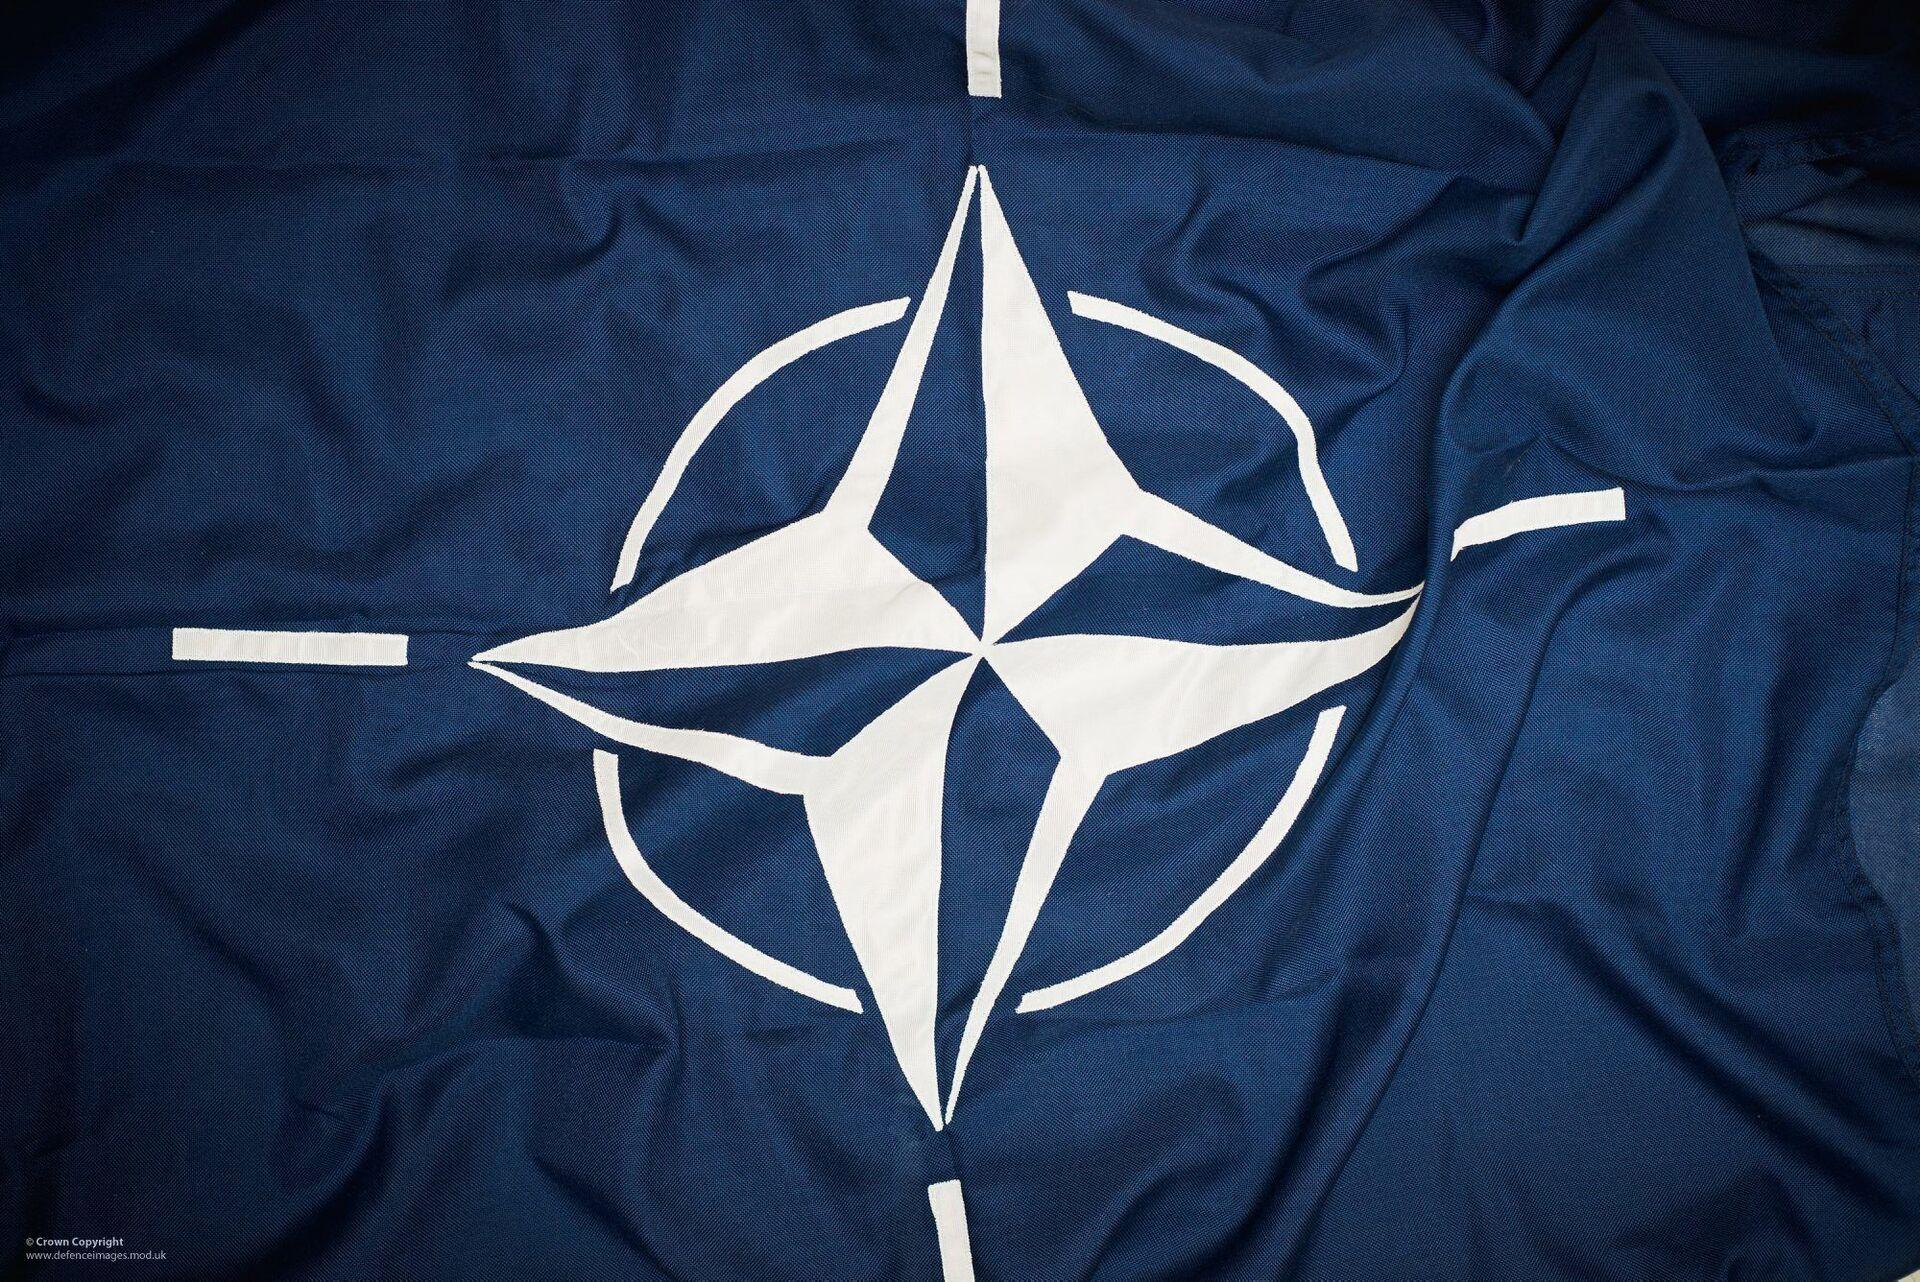 Tổng thống Biden sẽ thảo luận kín với các nhà lãnh đạo NATO về cuộc gặp với ông Putin - Sputnik Việt Nam, 1920, 14.06.2021